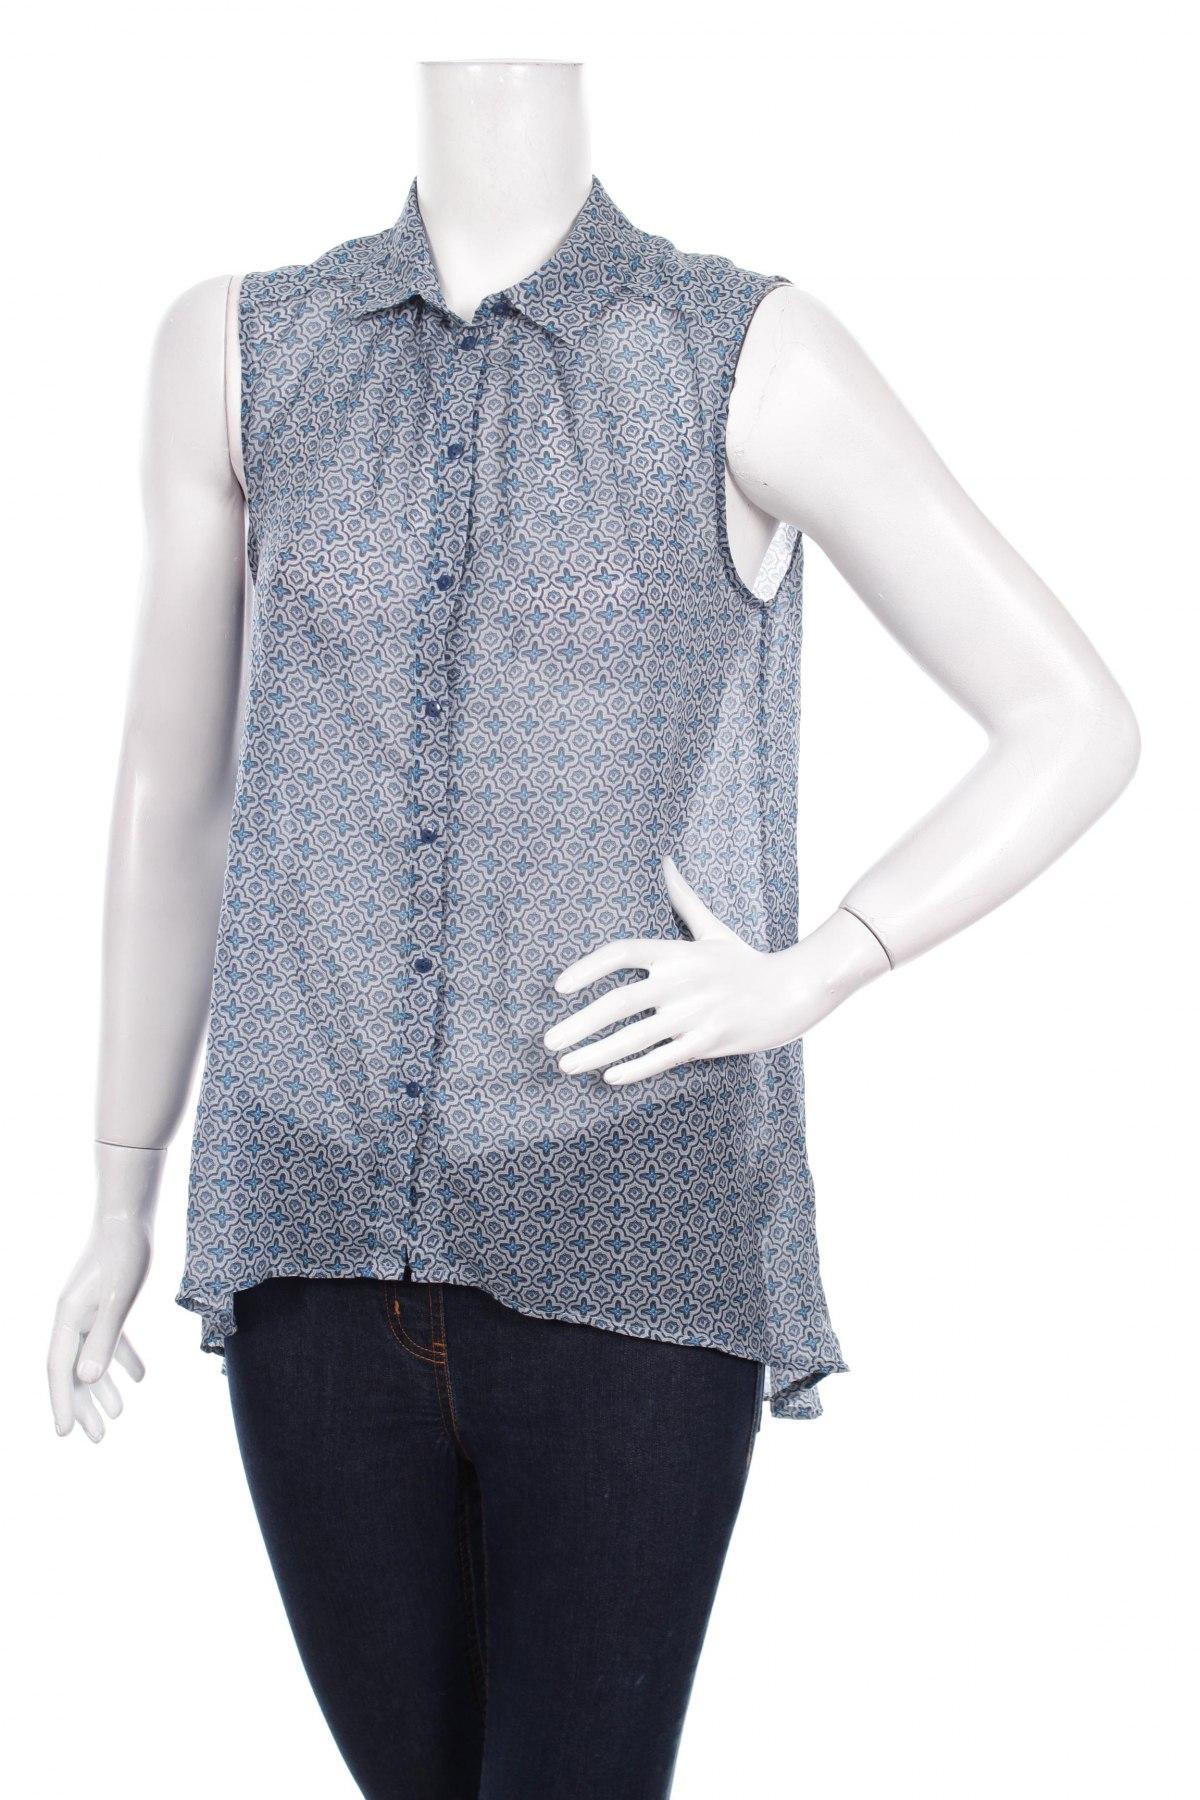 Γυναικείο πουκάμισο H&M, Μέγεθος L, Χρώμα Πολύχρωμο, 100% πολυεστέρας, Τιμή 11,75€